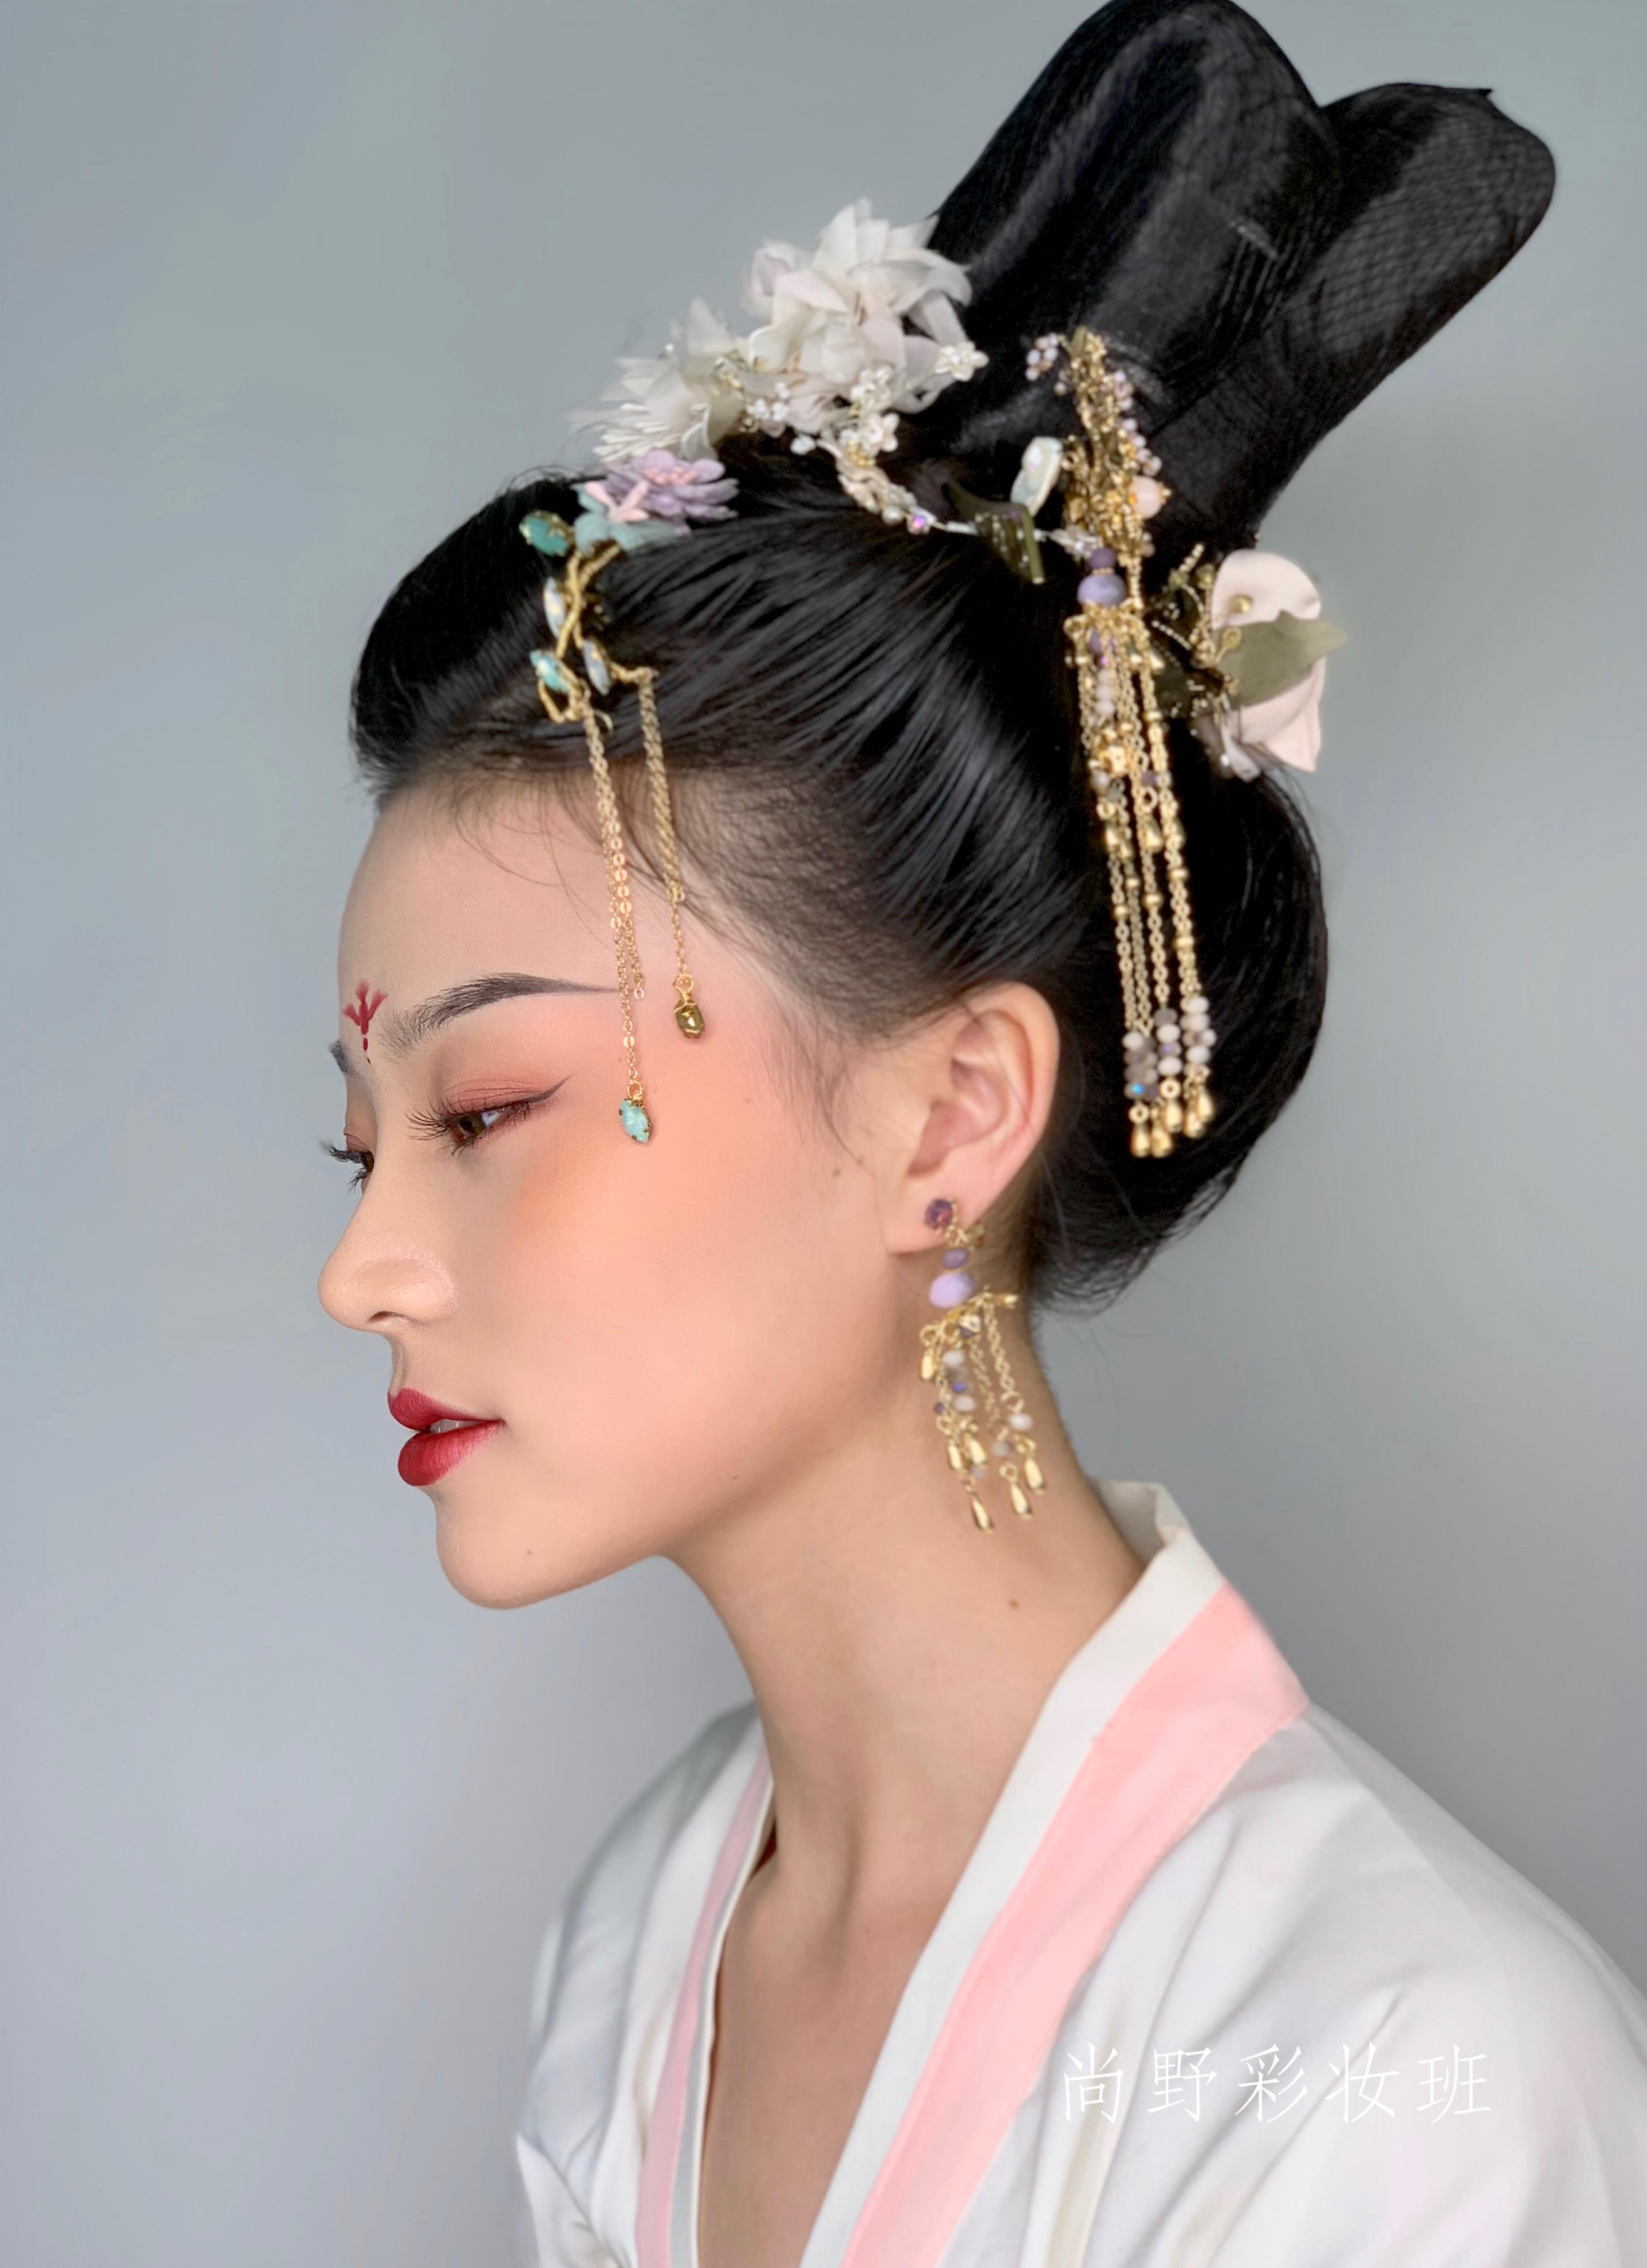 唐代古装女子图片剧照手绘